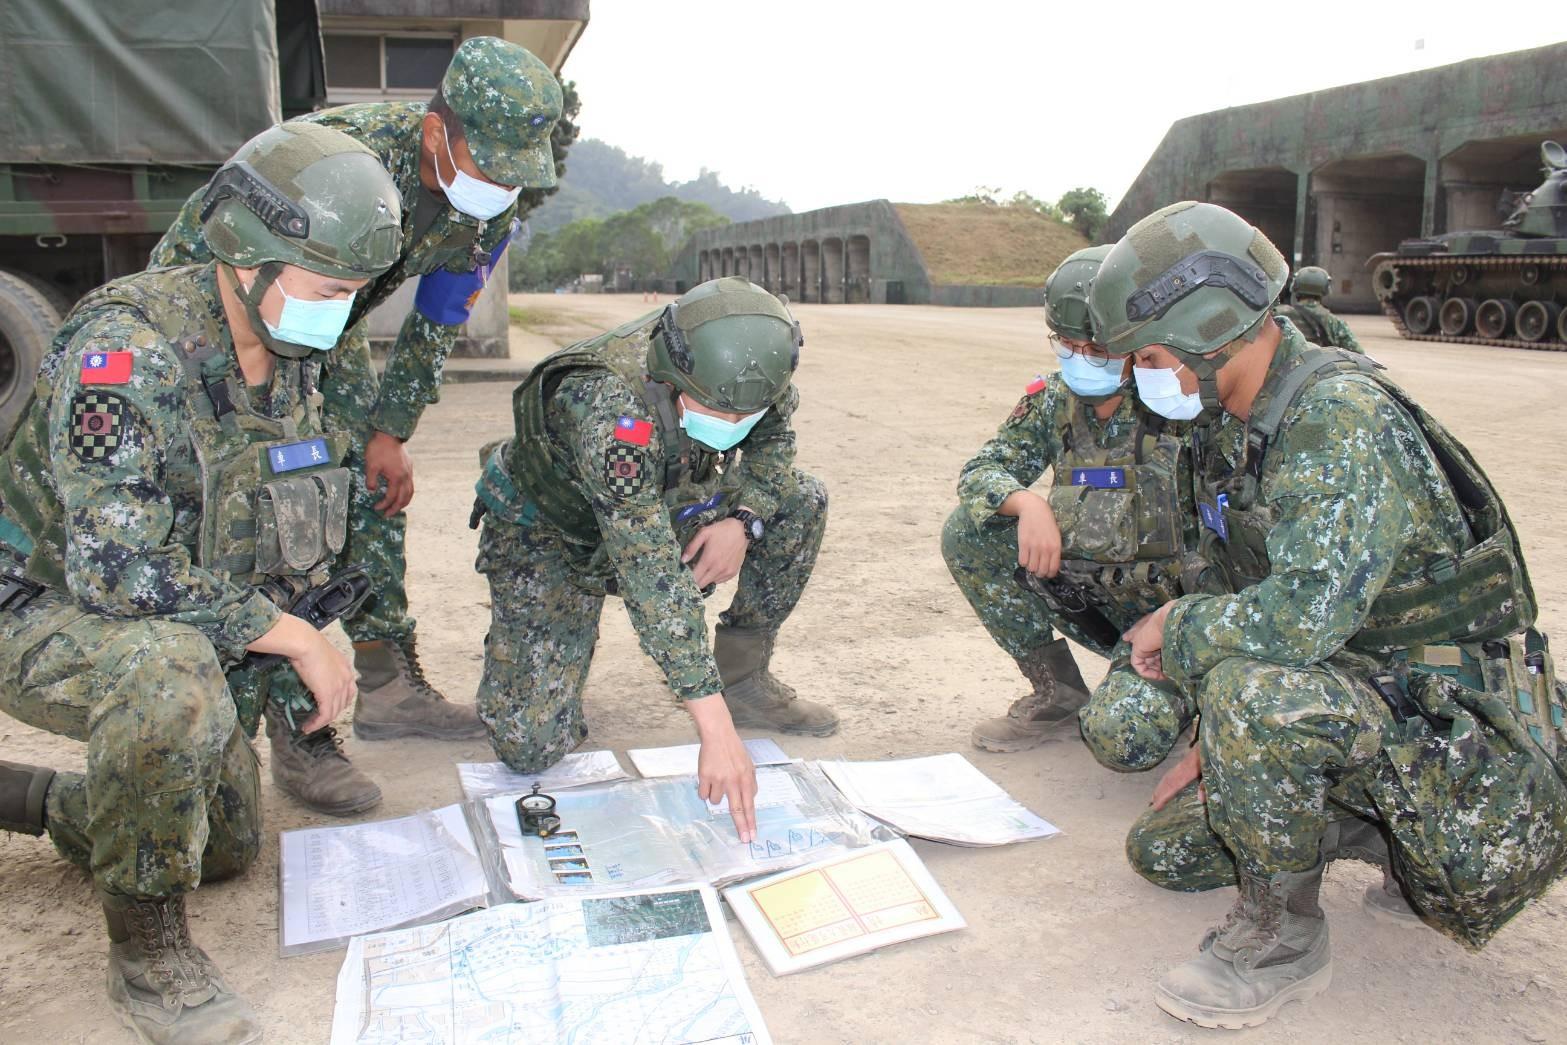 軍事訓練役,後備動員,教育召集,役男,現行戰力,游擊隊,國防部,國軍,幹部